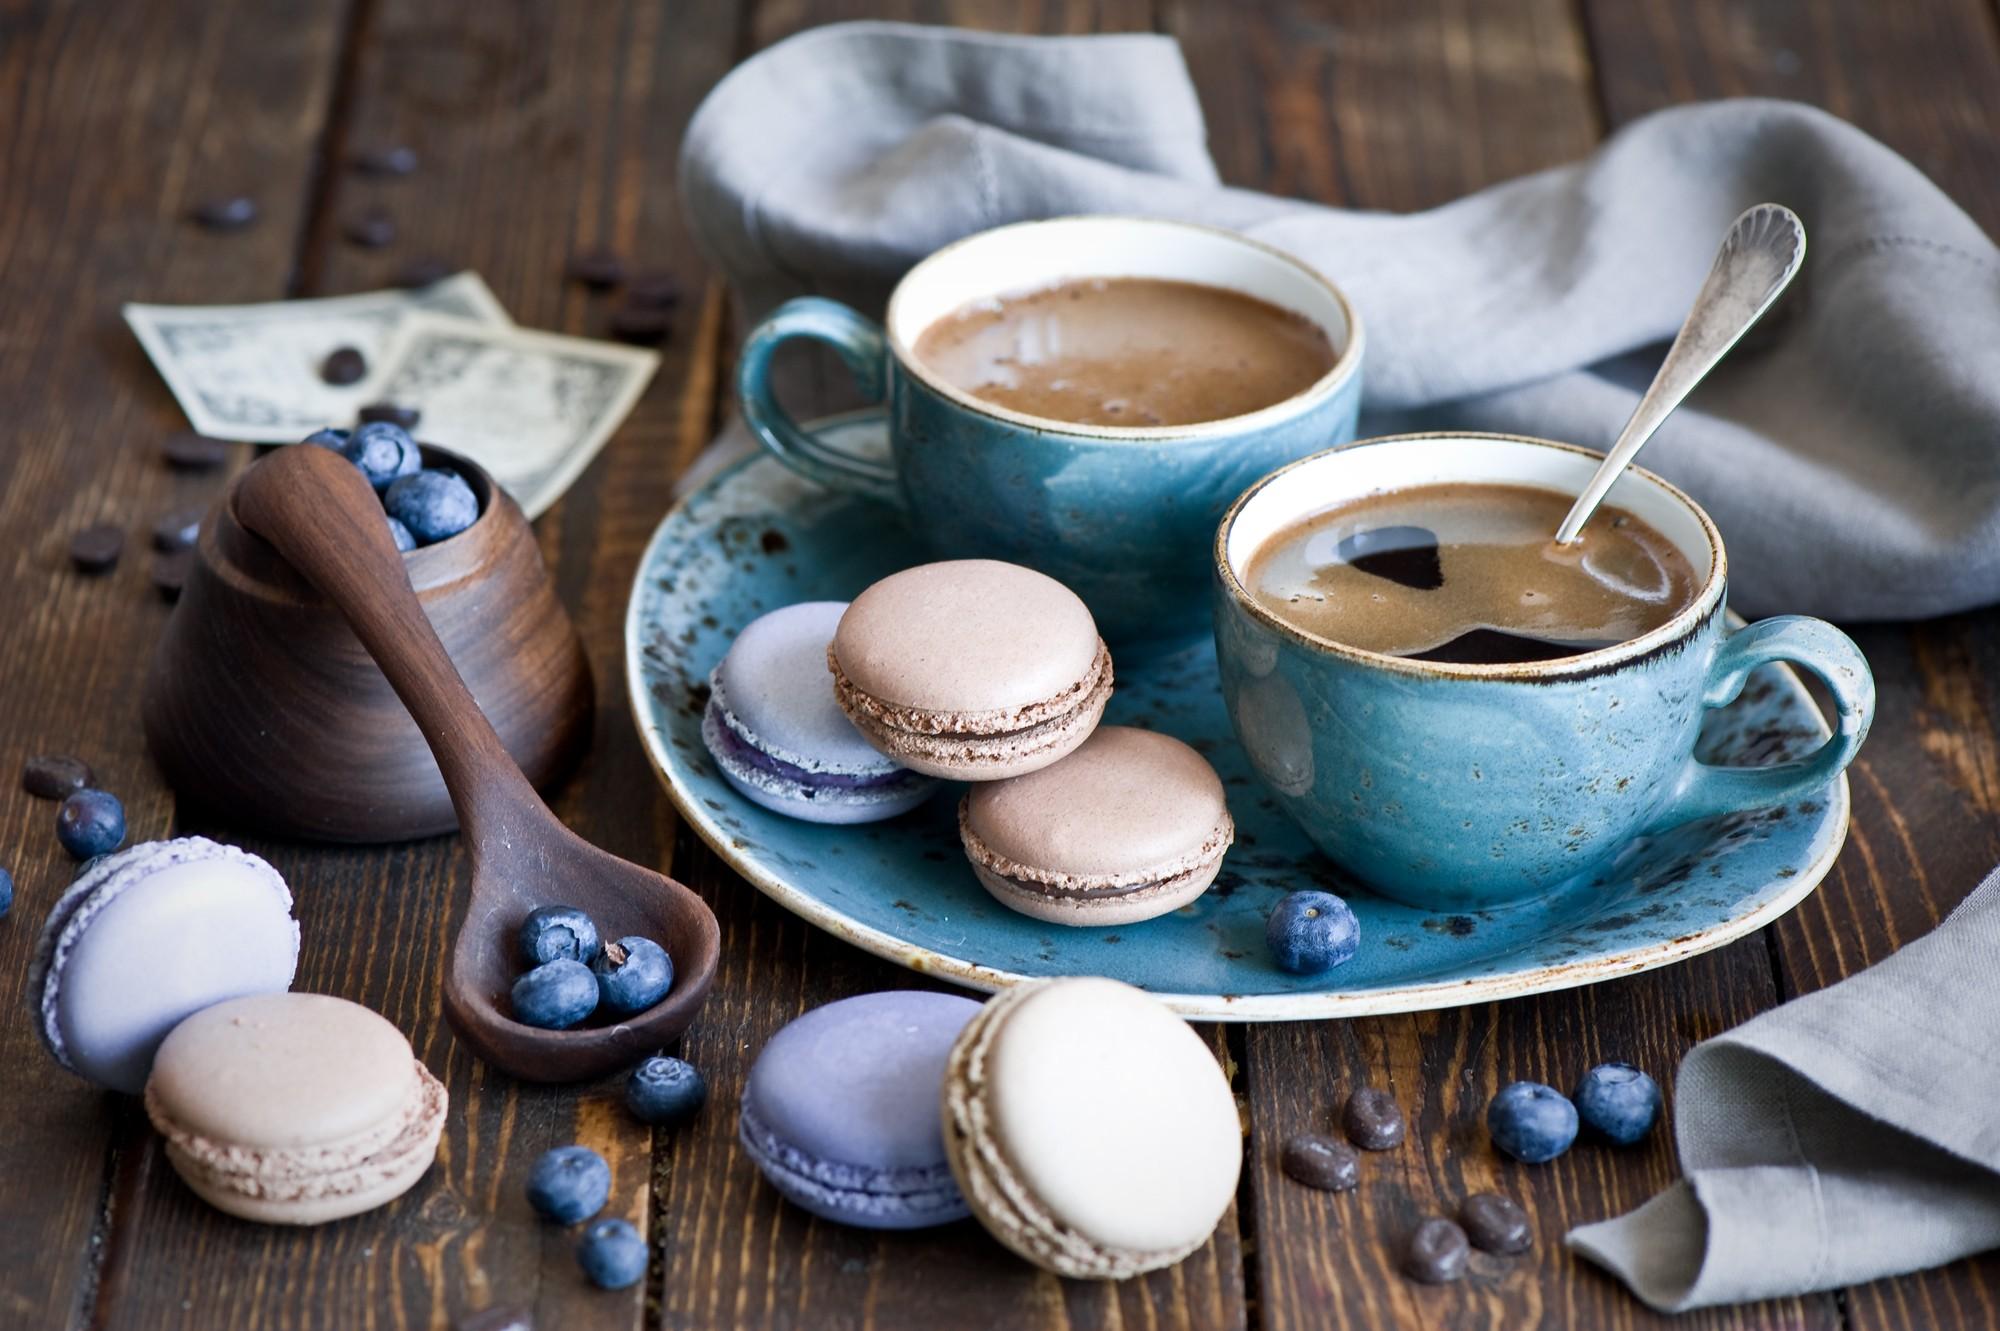 новым картинки кофе в тарелке таком типе микоза